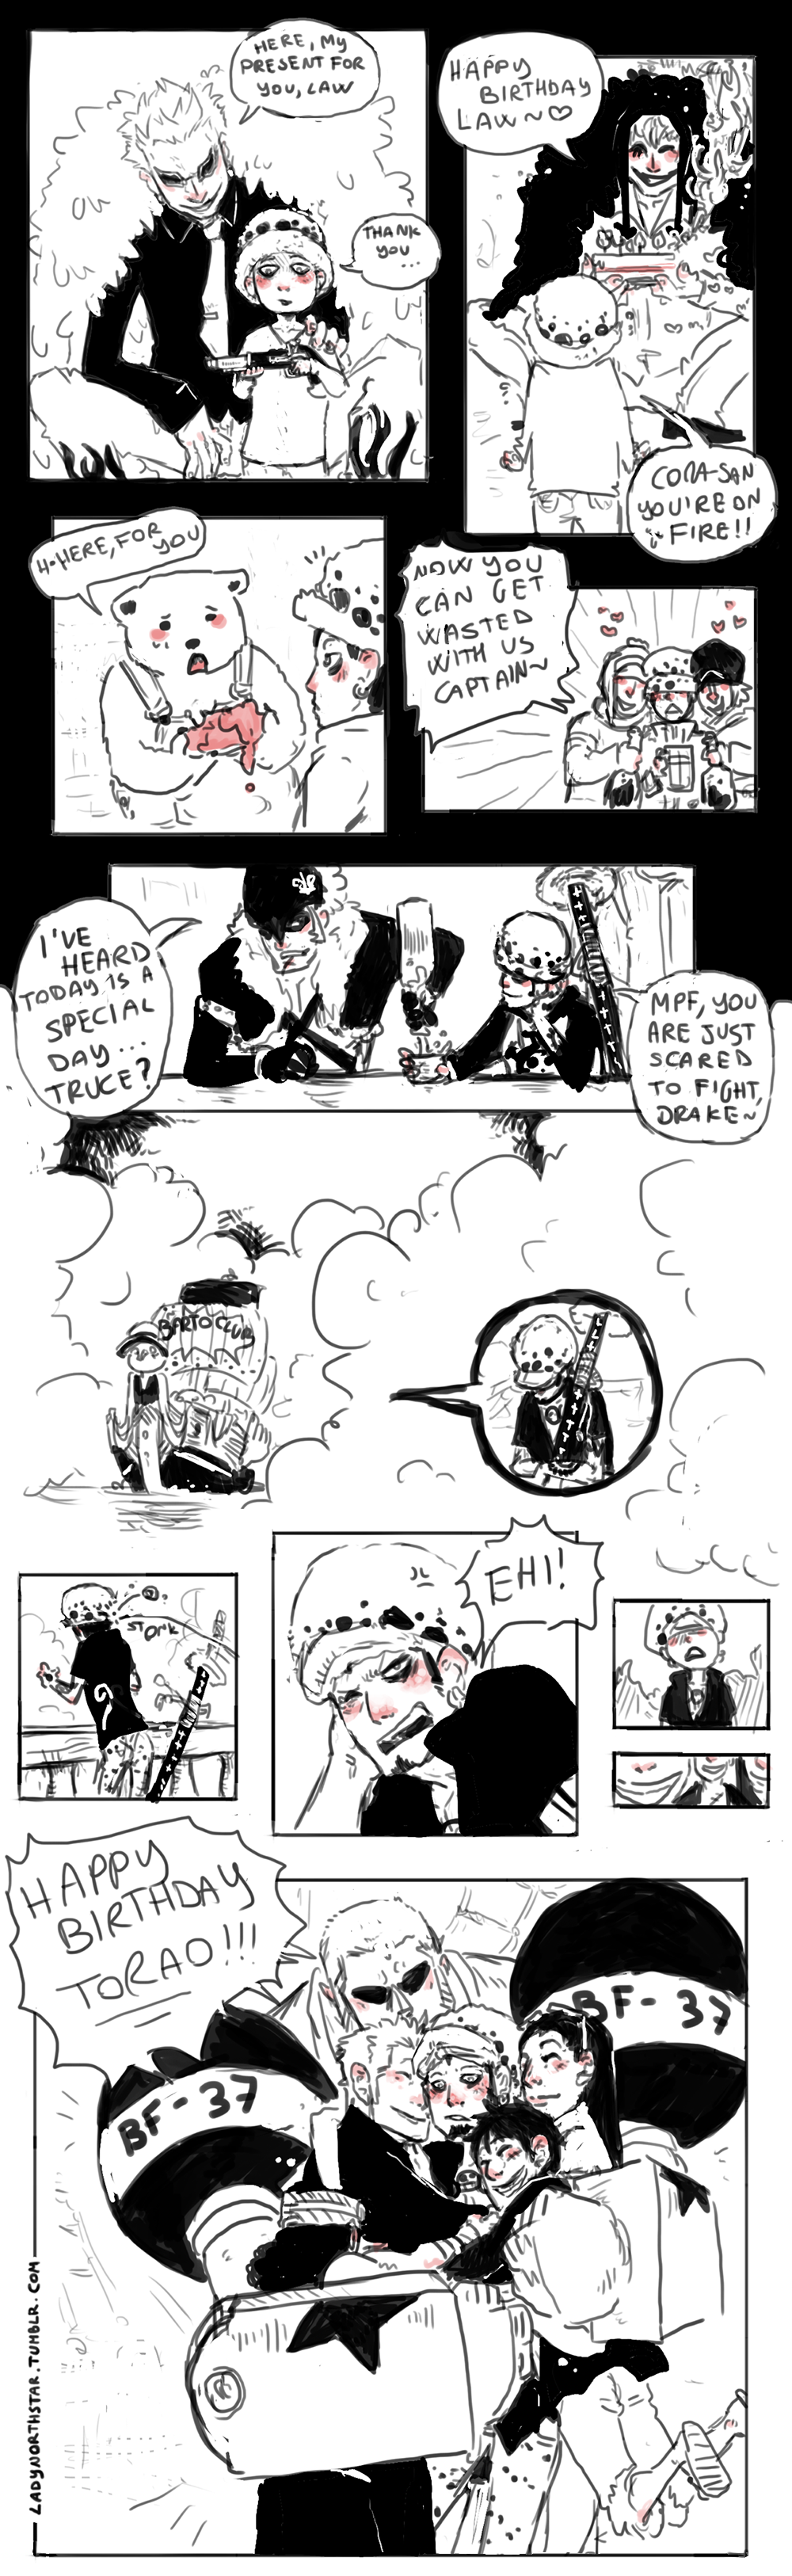 One Piece : HAPPY B'DAY LAW by LadyNorthstar